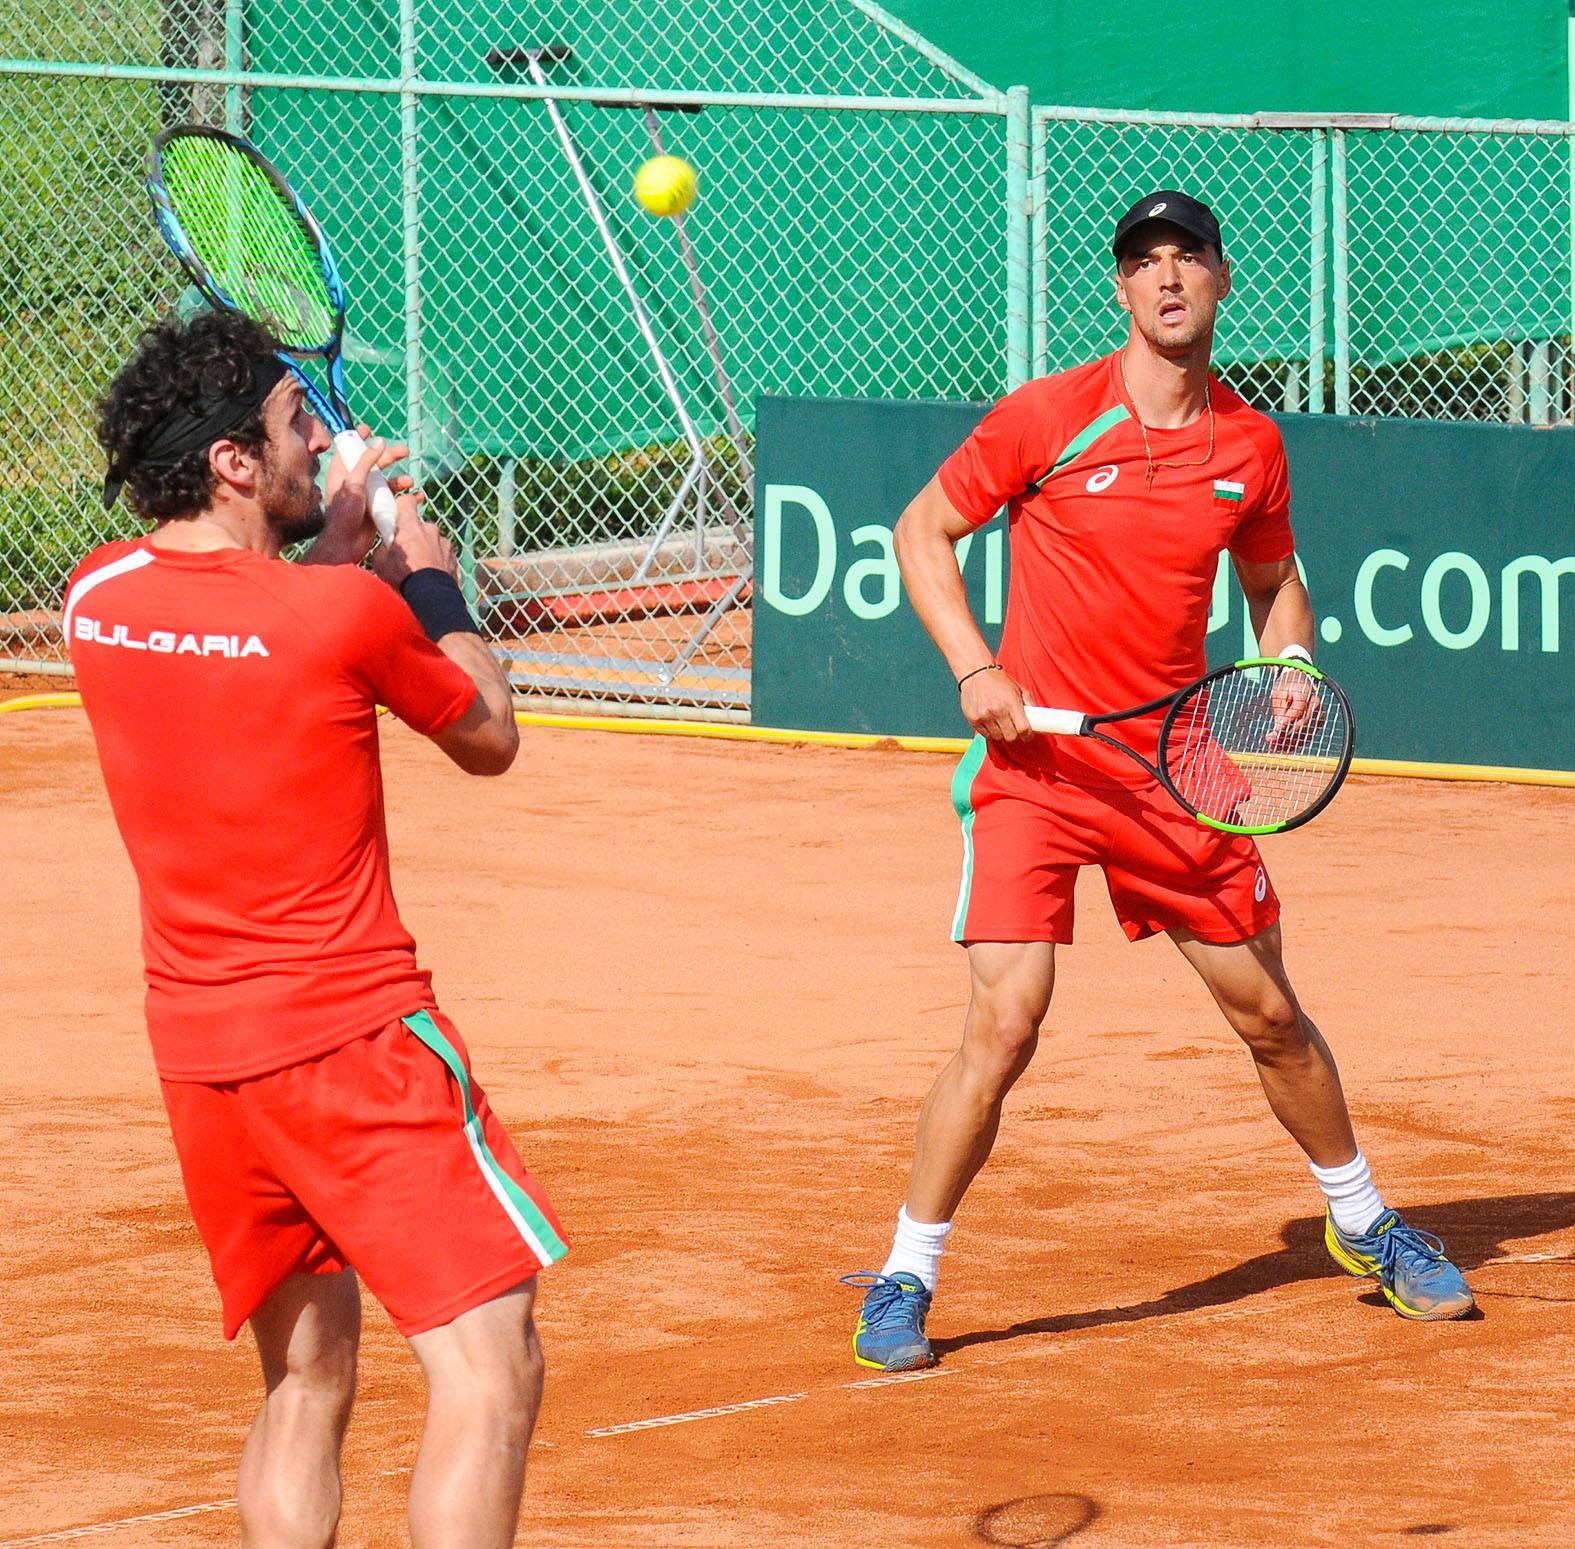 Монако ни би на тенис